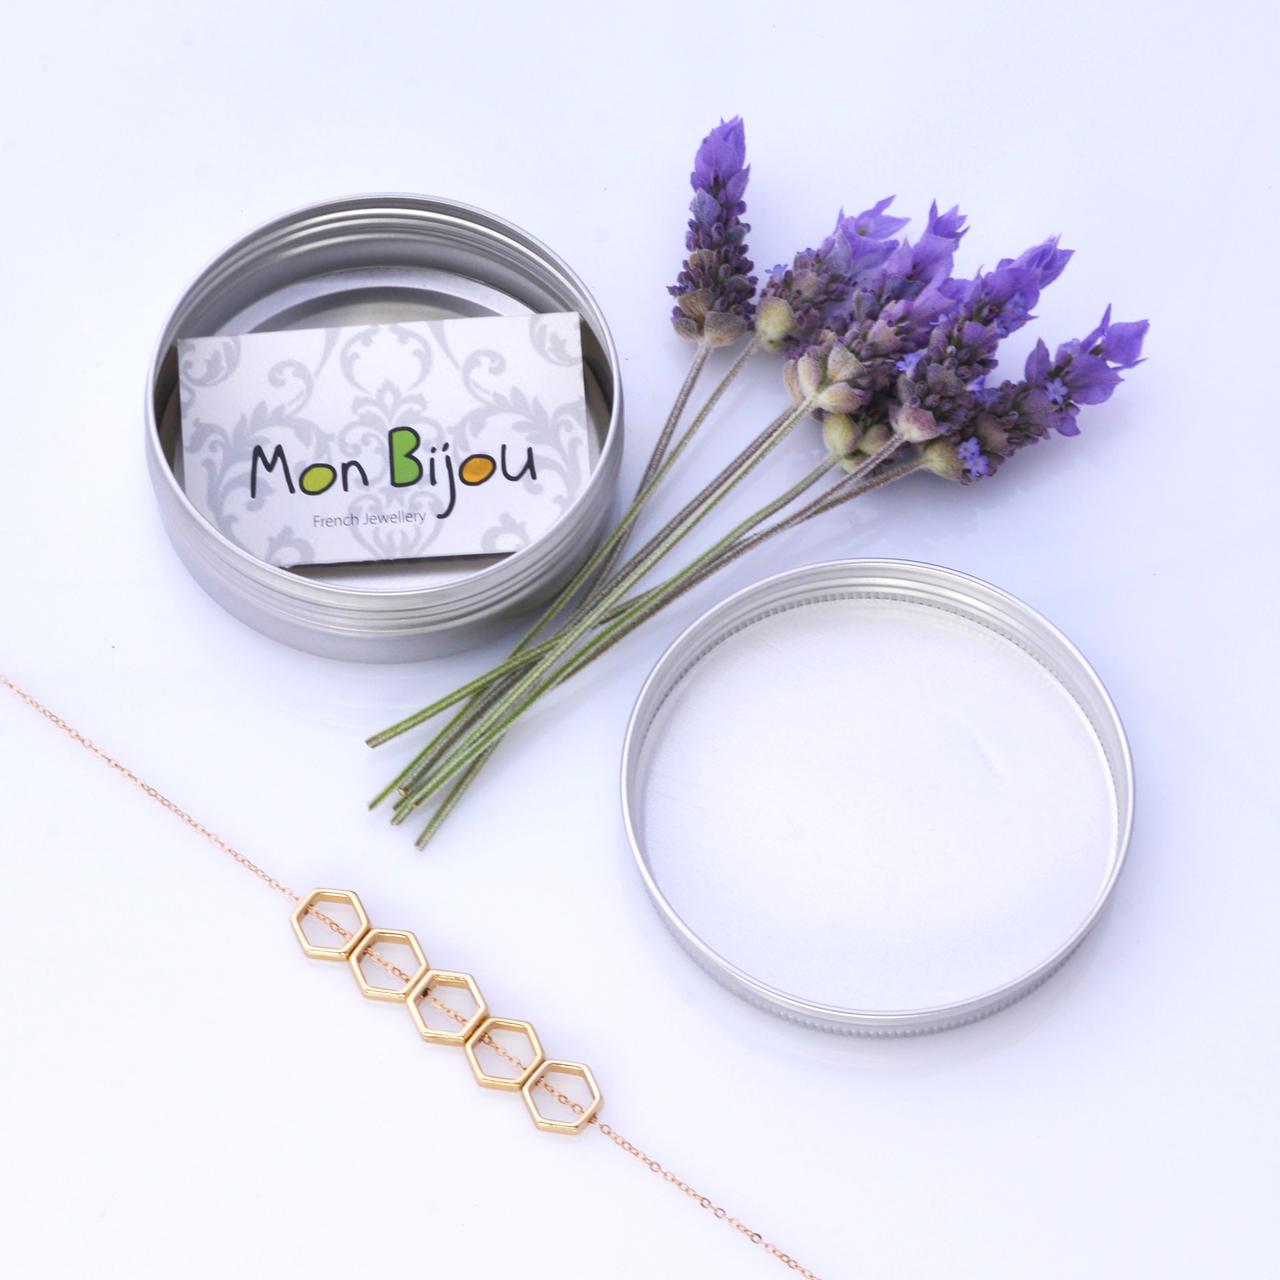 Mon Bijou Golden Hexagon 5 Necklace with silver gift tin | The Design Gift Shop